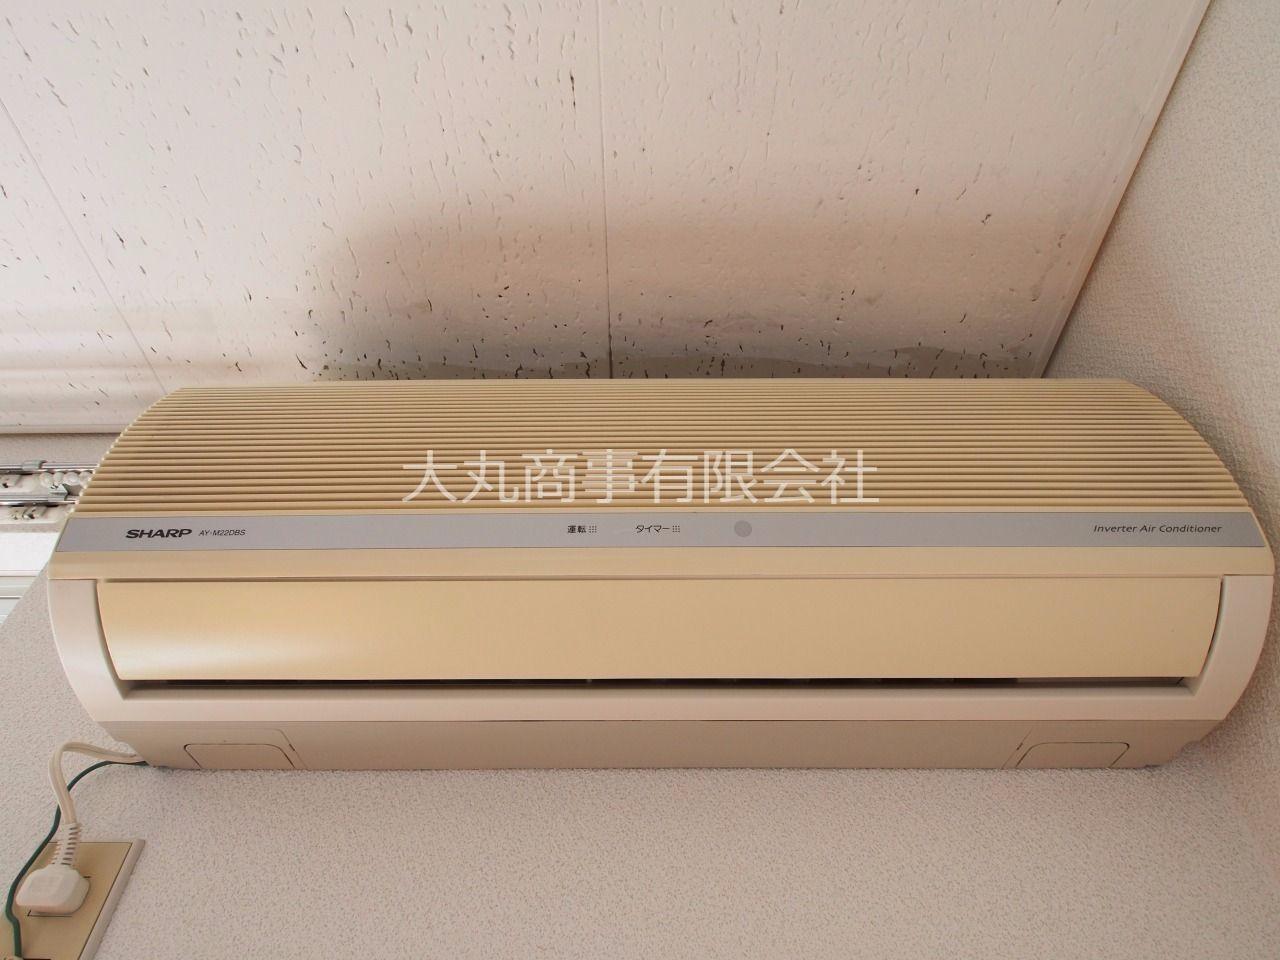 シャープ製(AY-M22DBS)